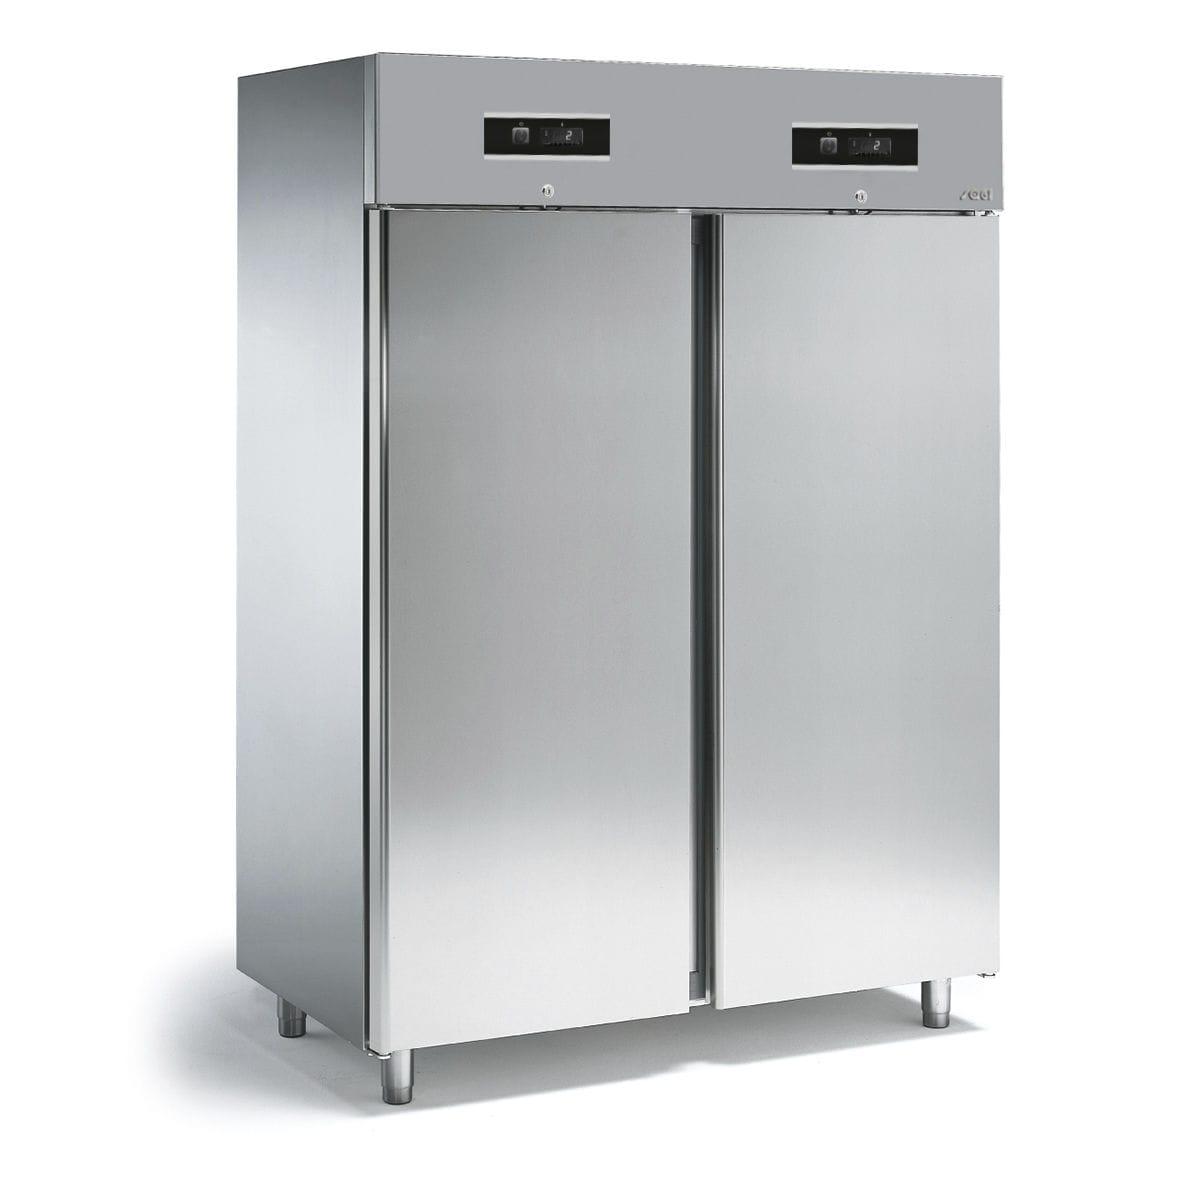 comparatif congelateur professionnel